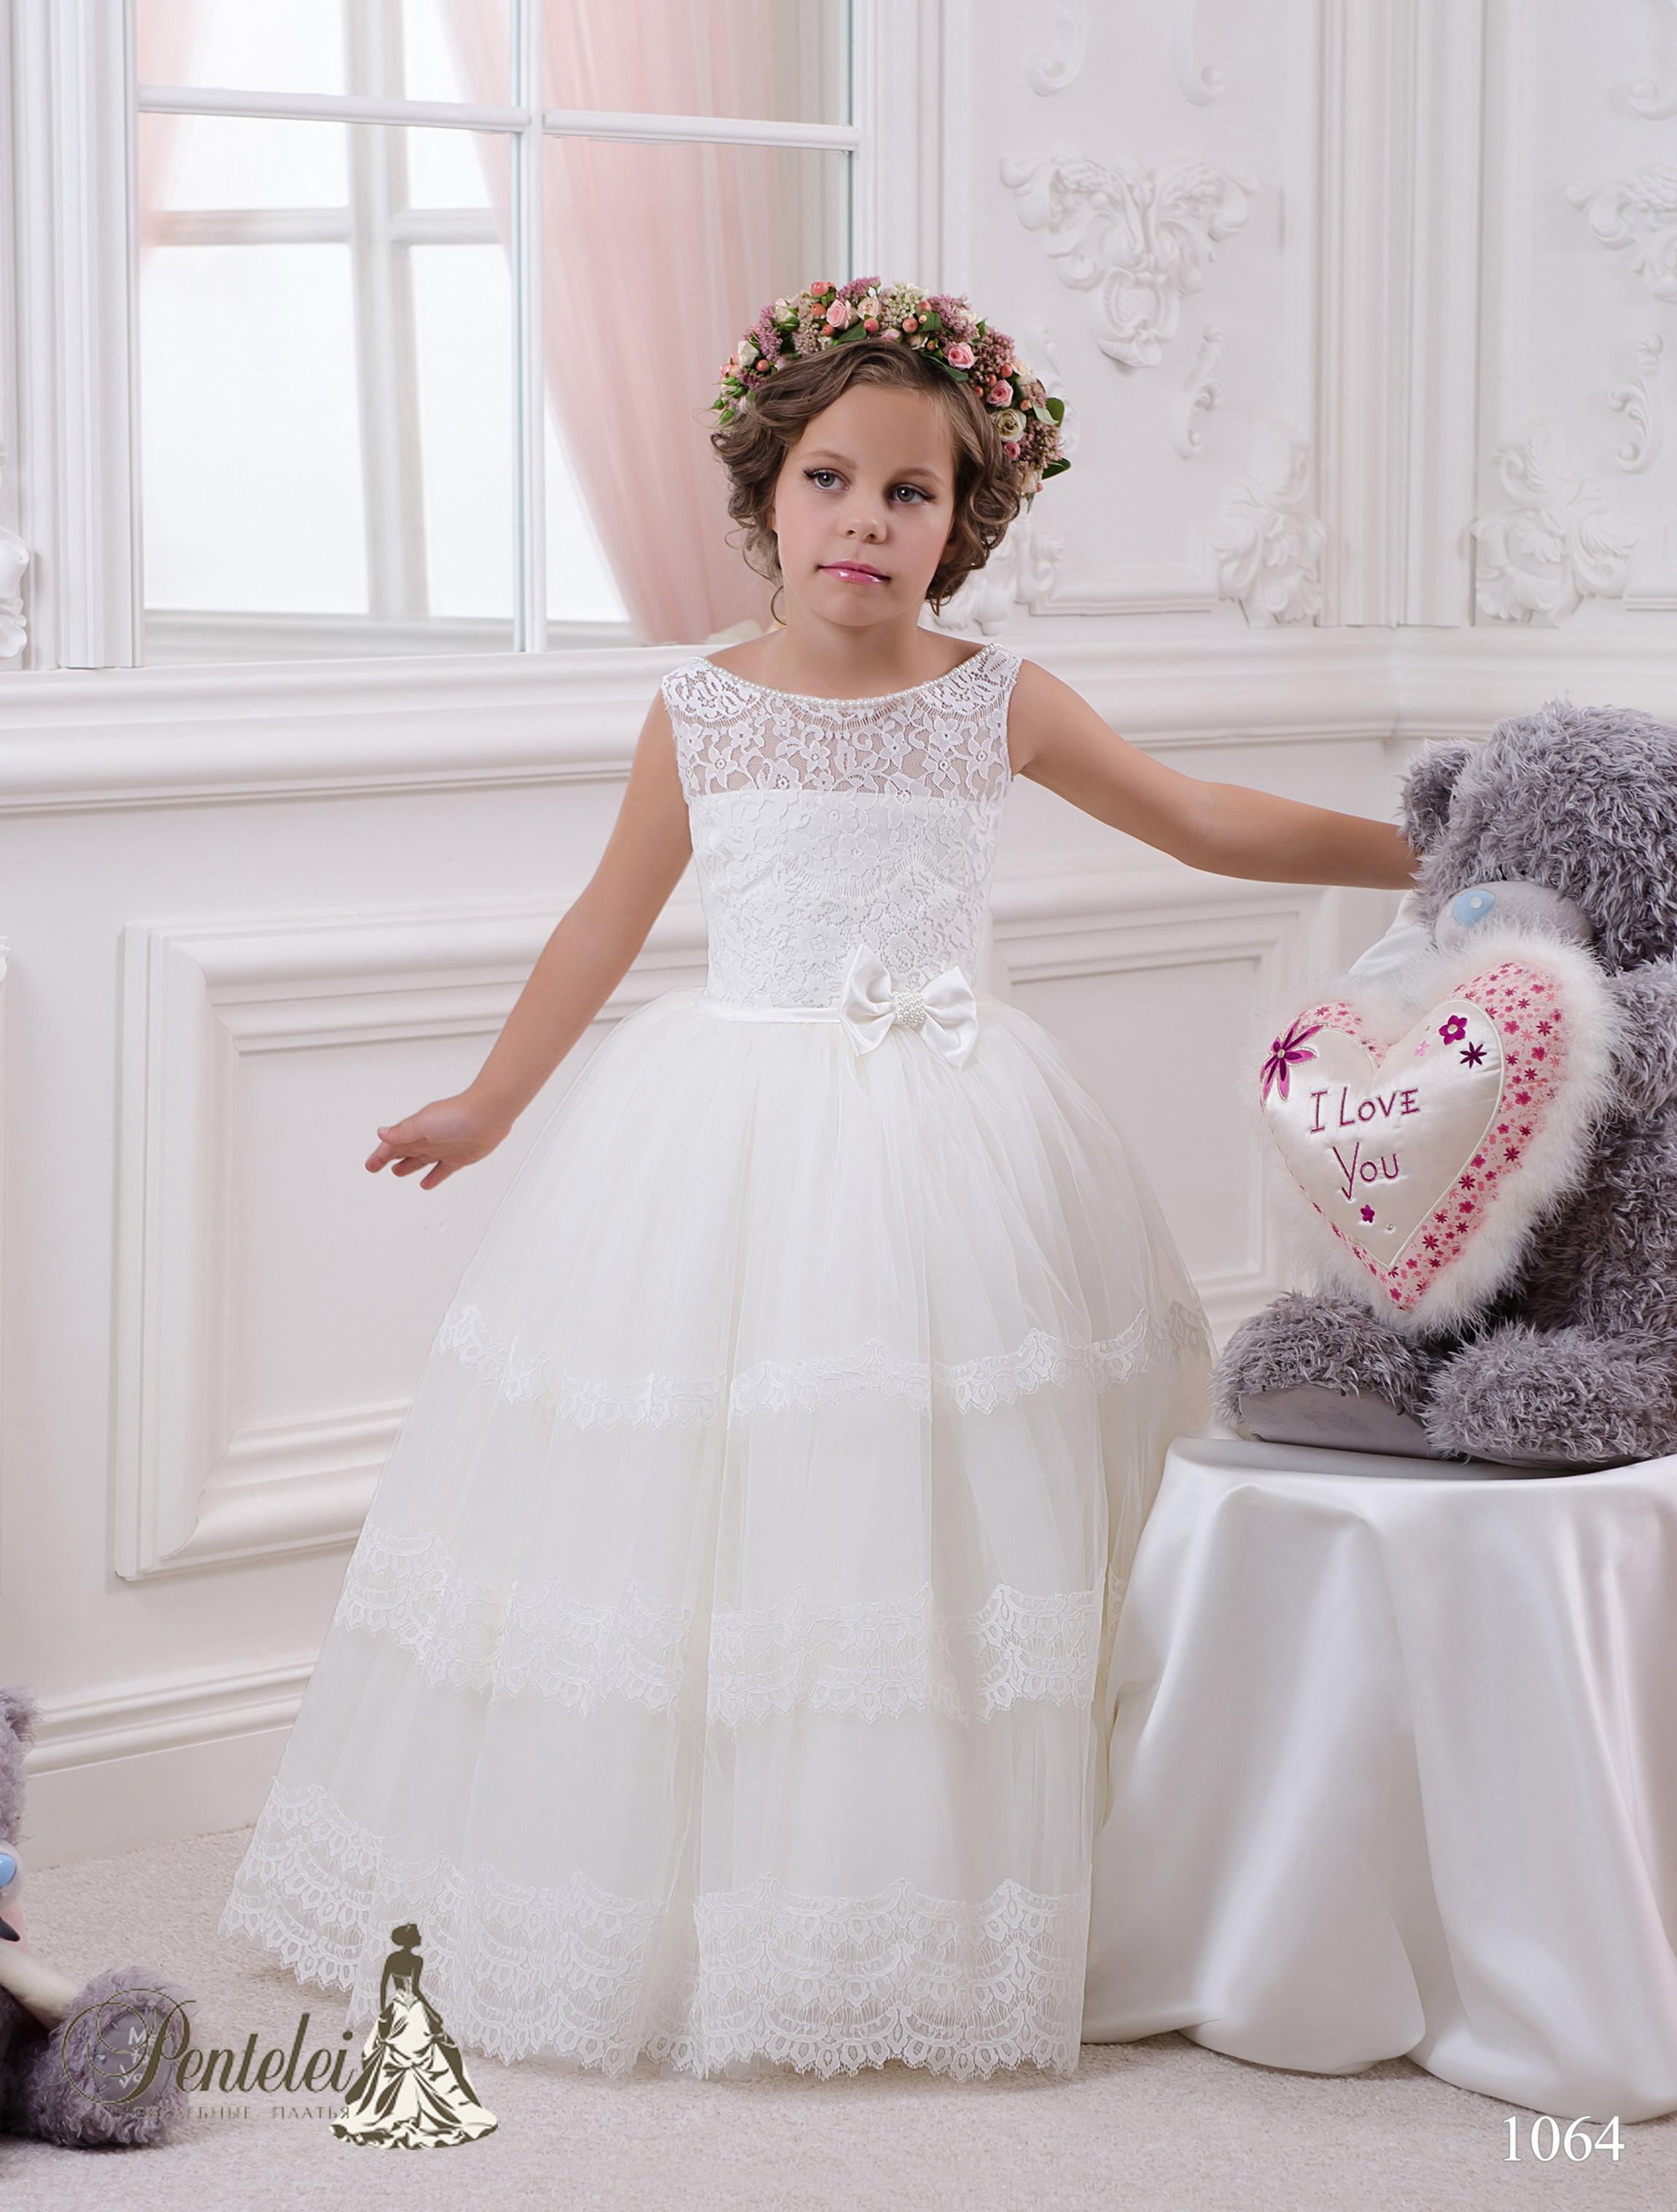 1064 | Купити дитячі сукні оптом від Pentelei